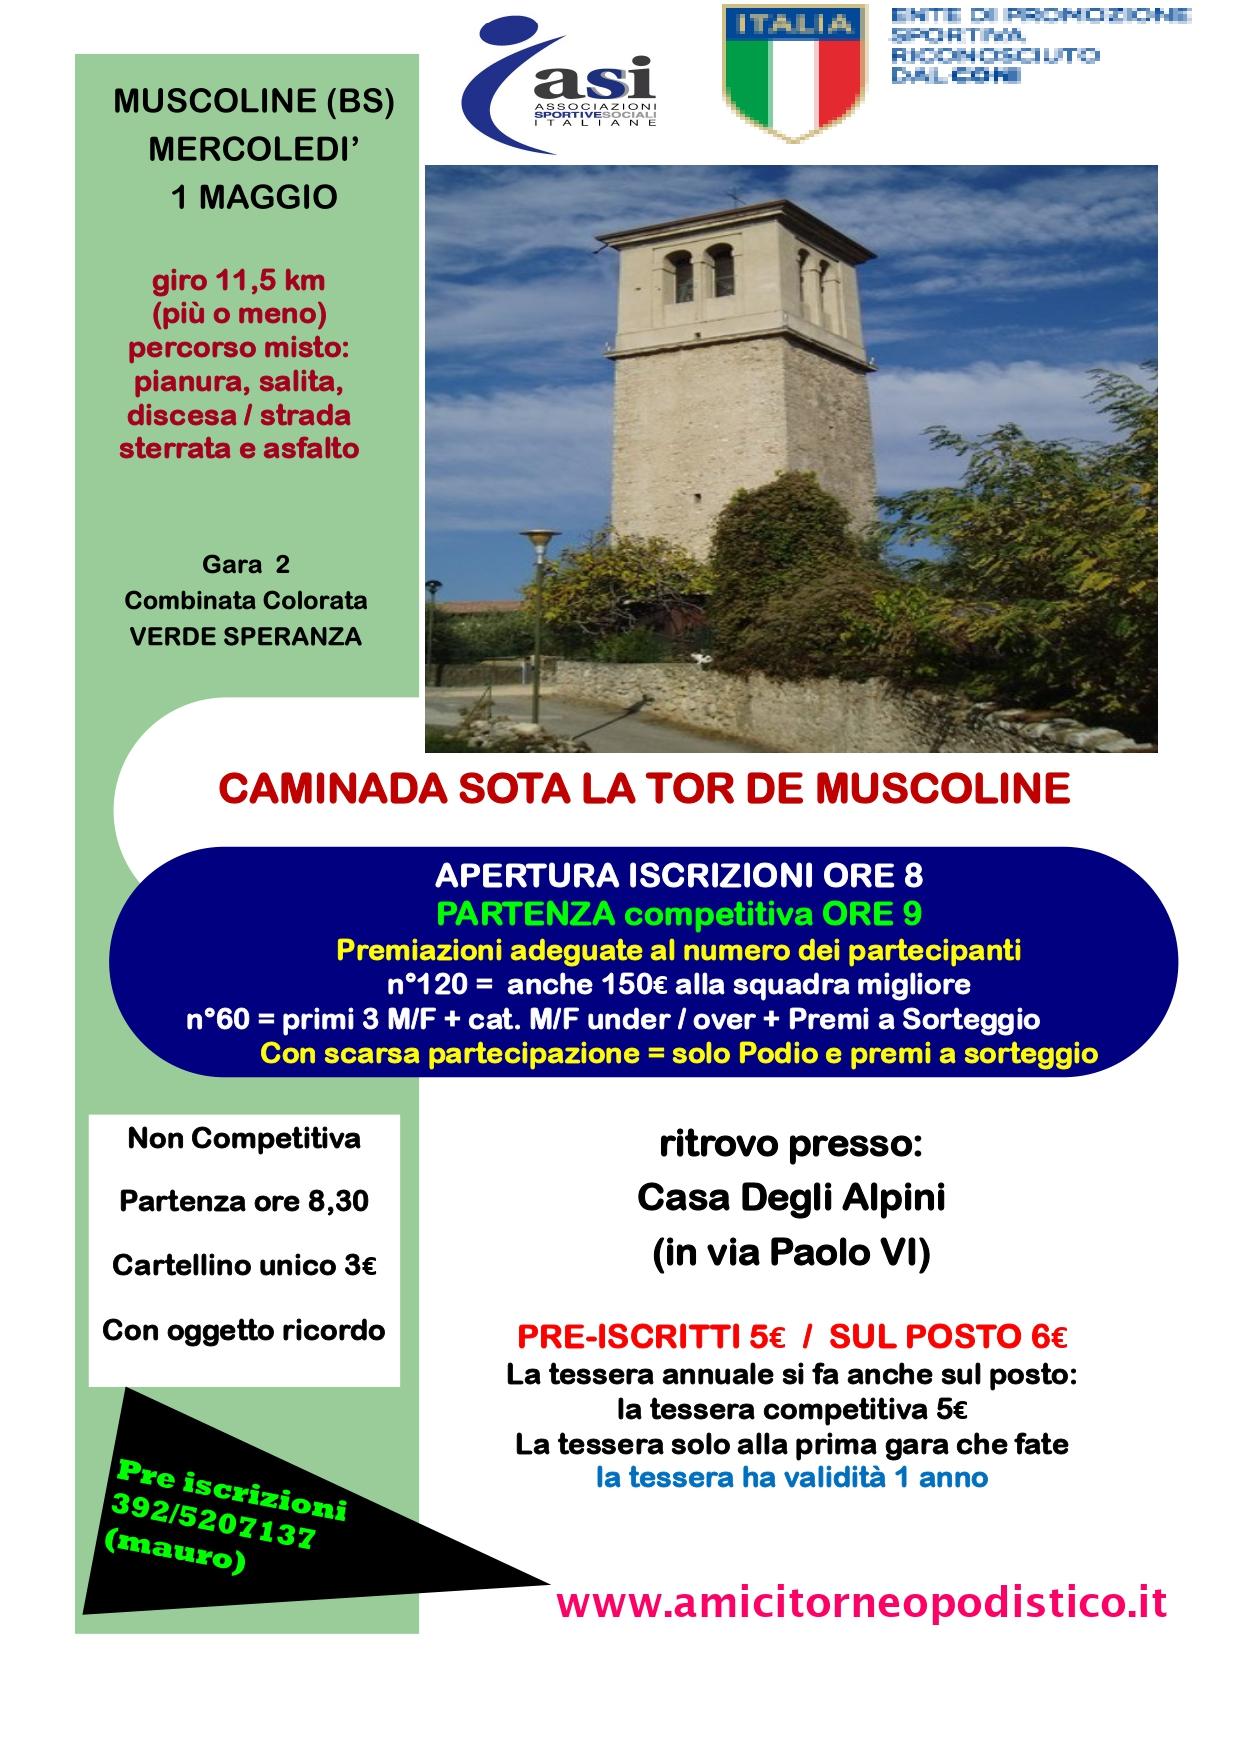 Gara 18 - CAMINADA SOTA LA TOR DE MUSCOLINE volantino